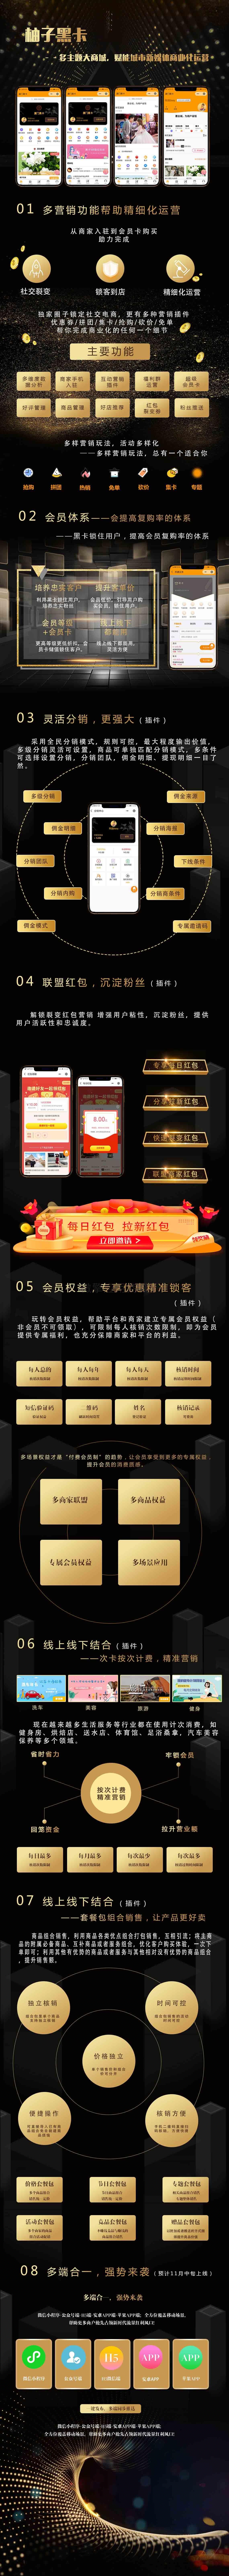 柚子黑卡宣传GUI.jpg